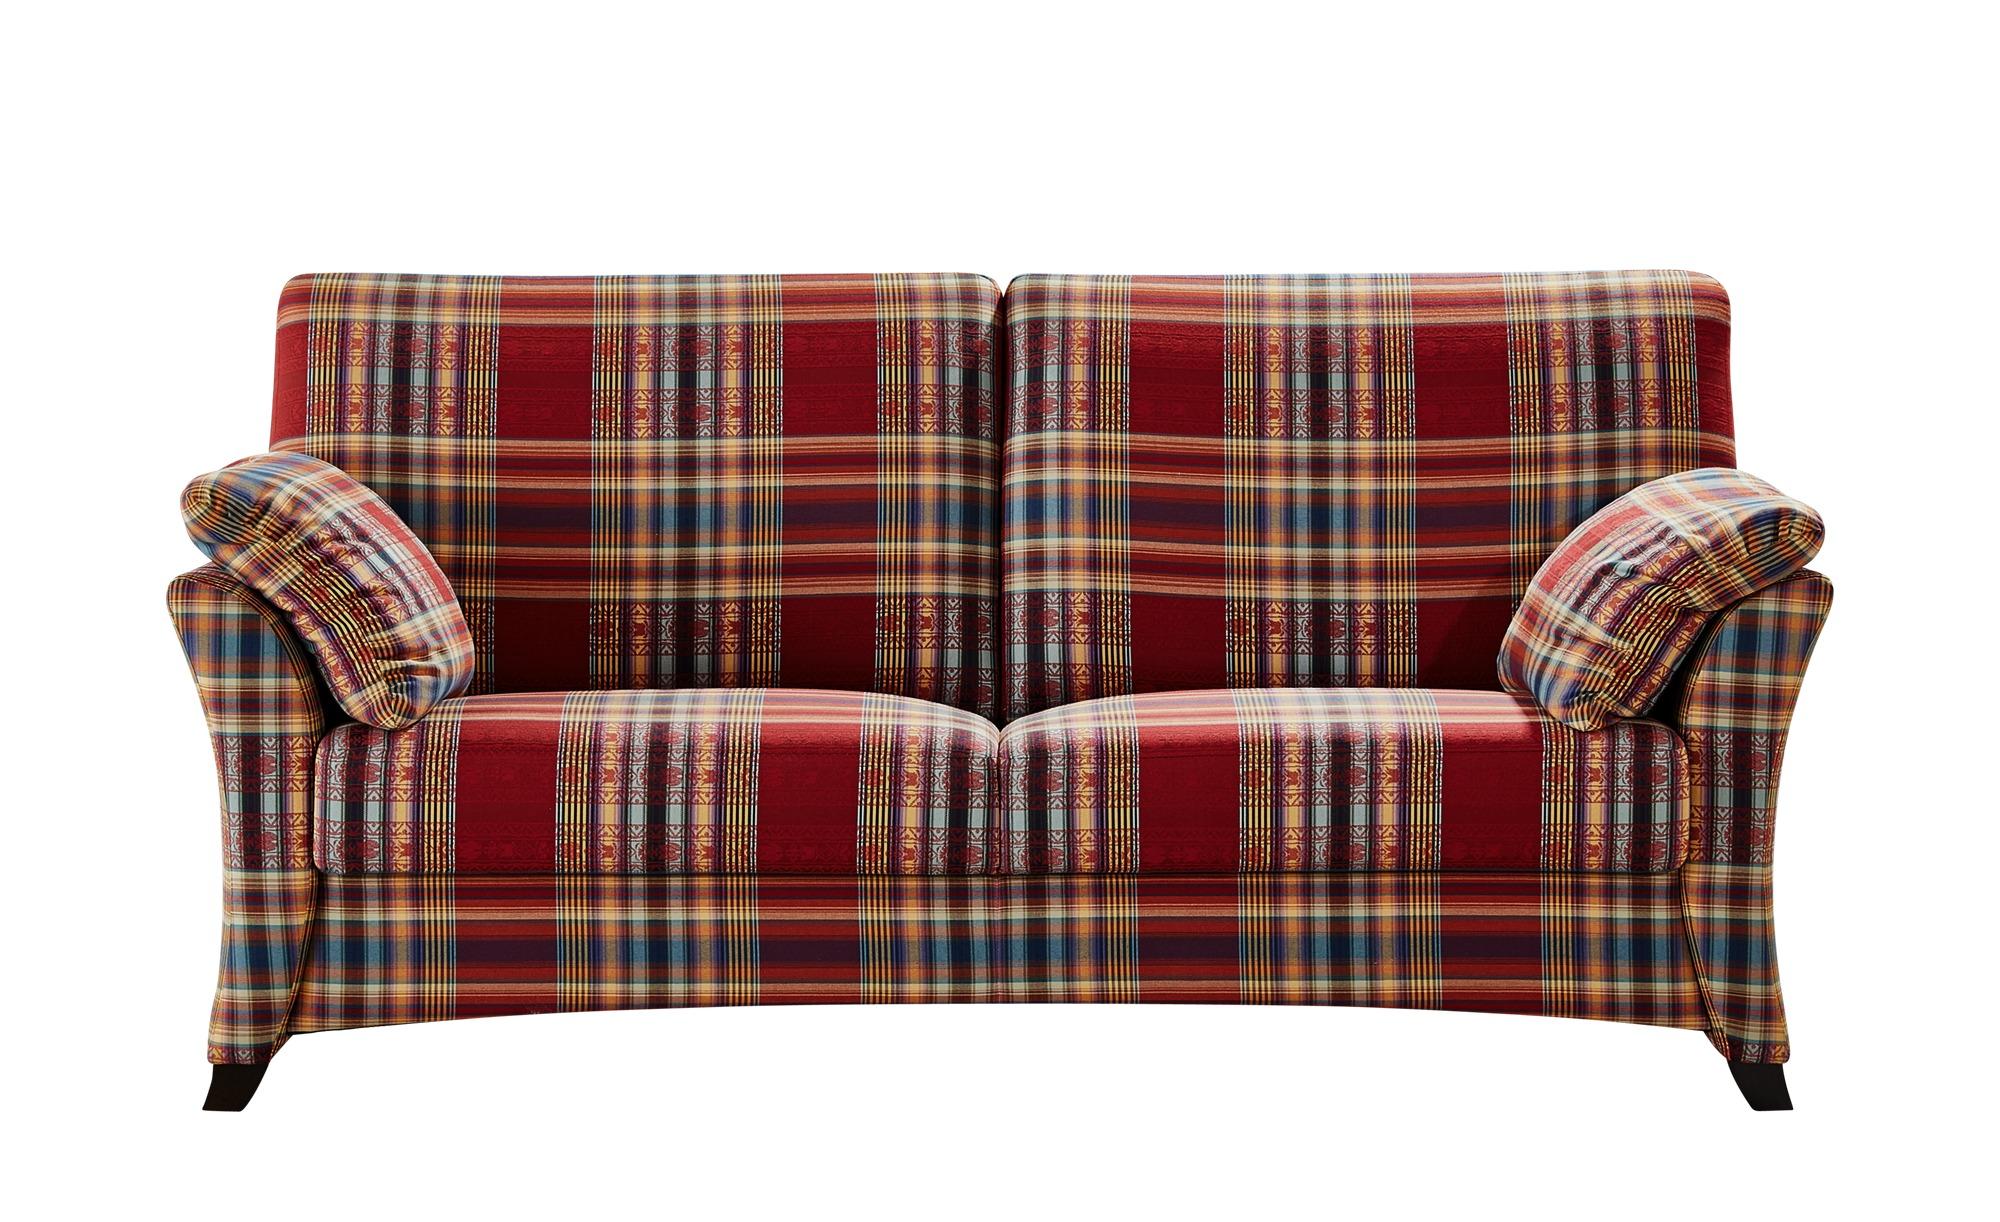 Sofa 2,5-sitzig rot/kariert - Webstoff Mikado ¦ rot ¦ Maße (cm): B: 176 H: 93 T: 91 Polstermöbel > Sofas > Einzelsofas - Höffner